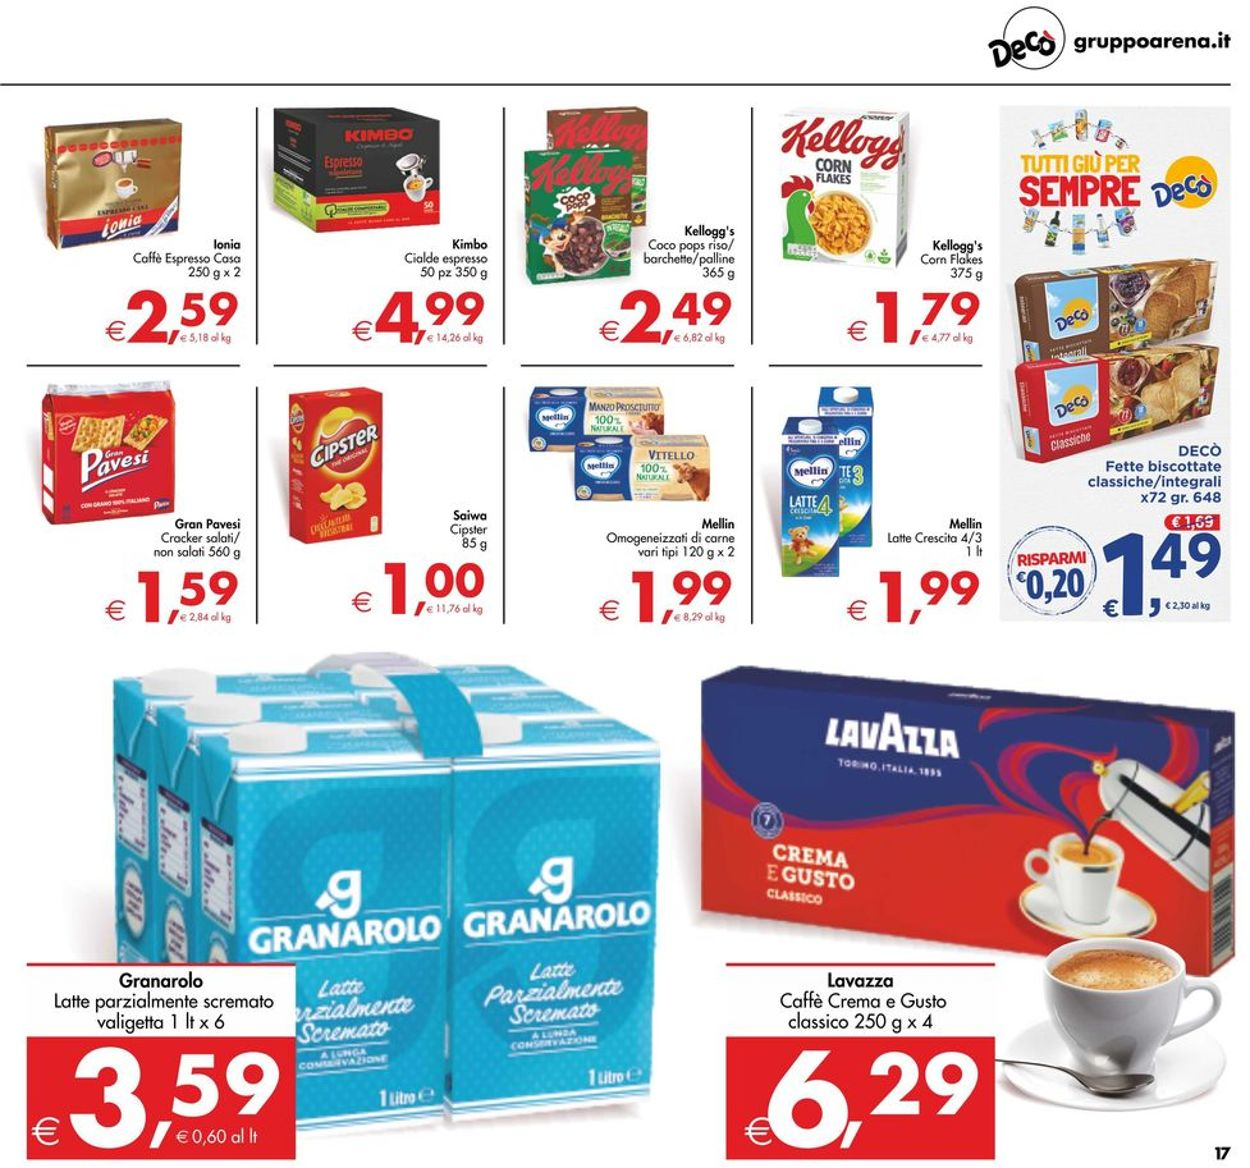 Volantino Deco - Offerte 07/08-17/08/2020 (Pagina 17)